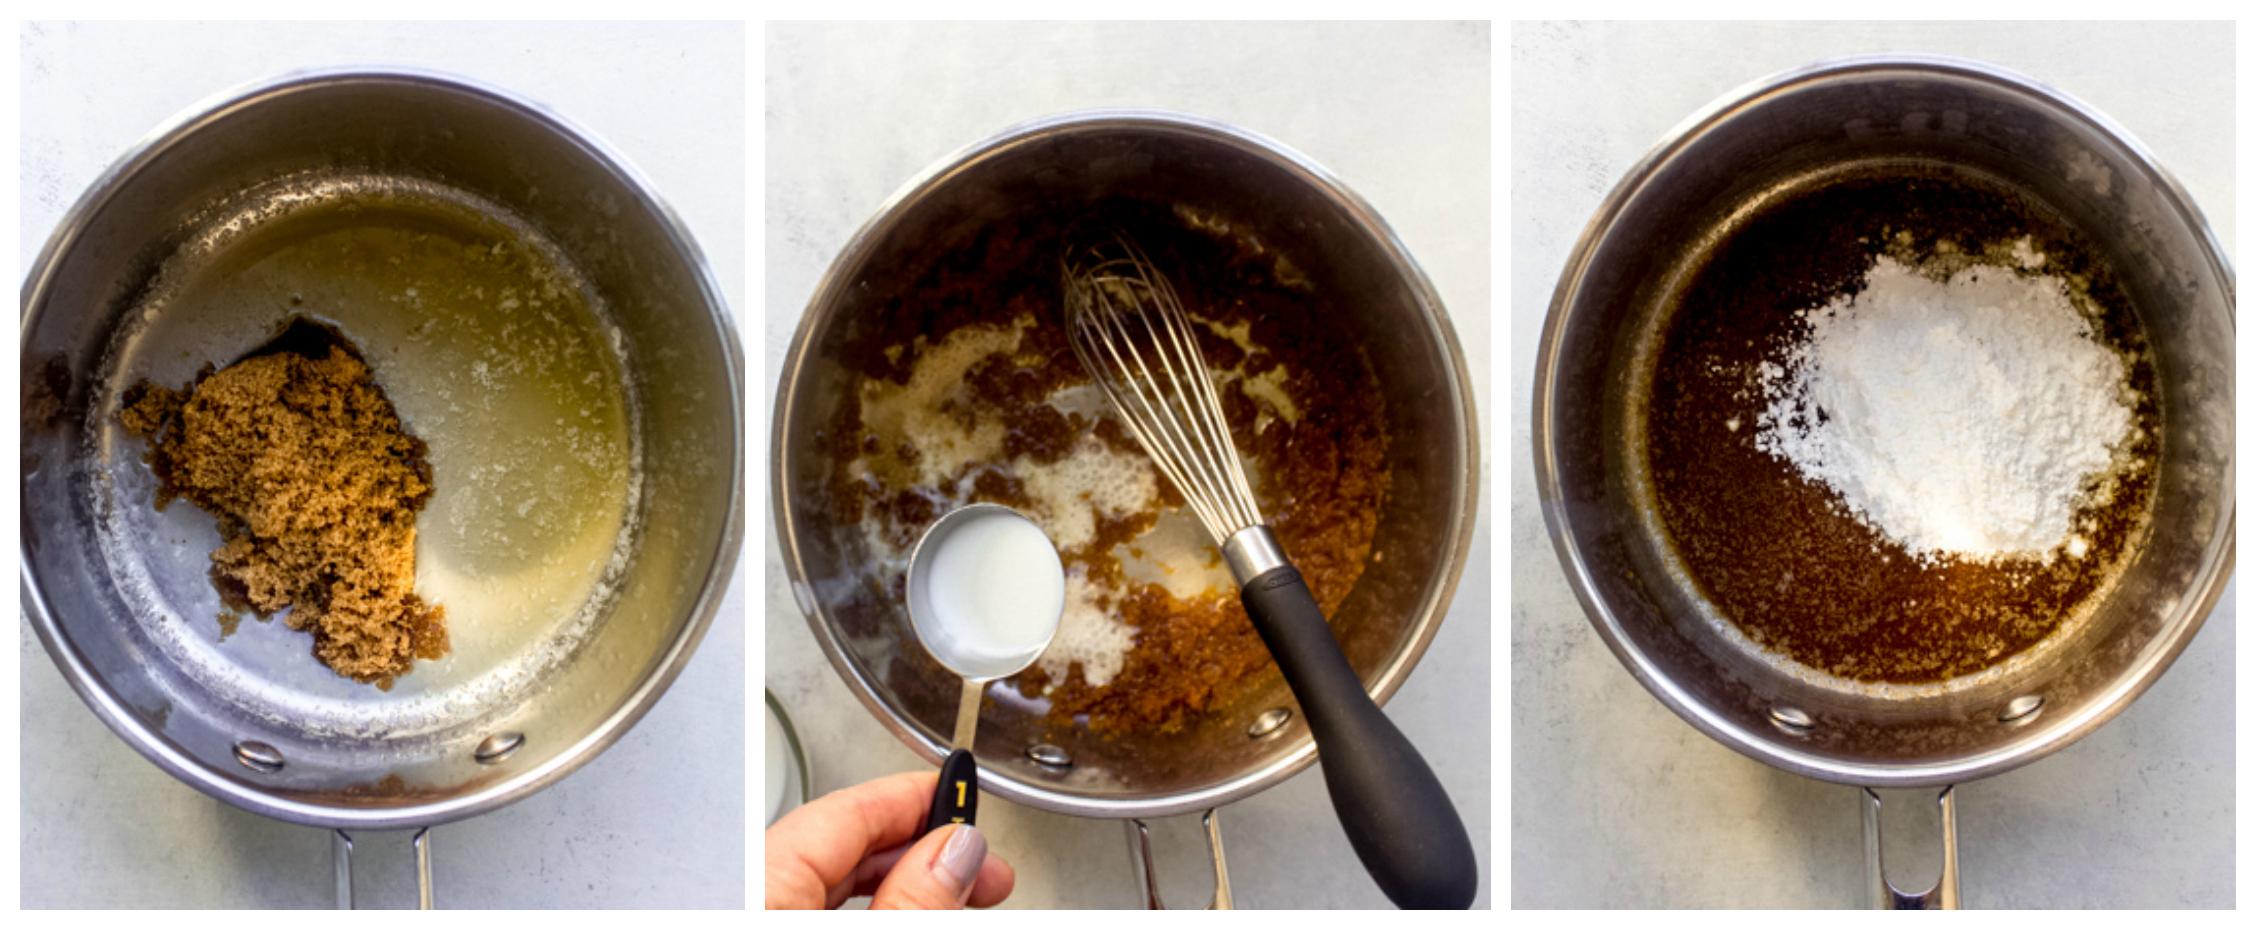 caramel glaze in a saucepan